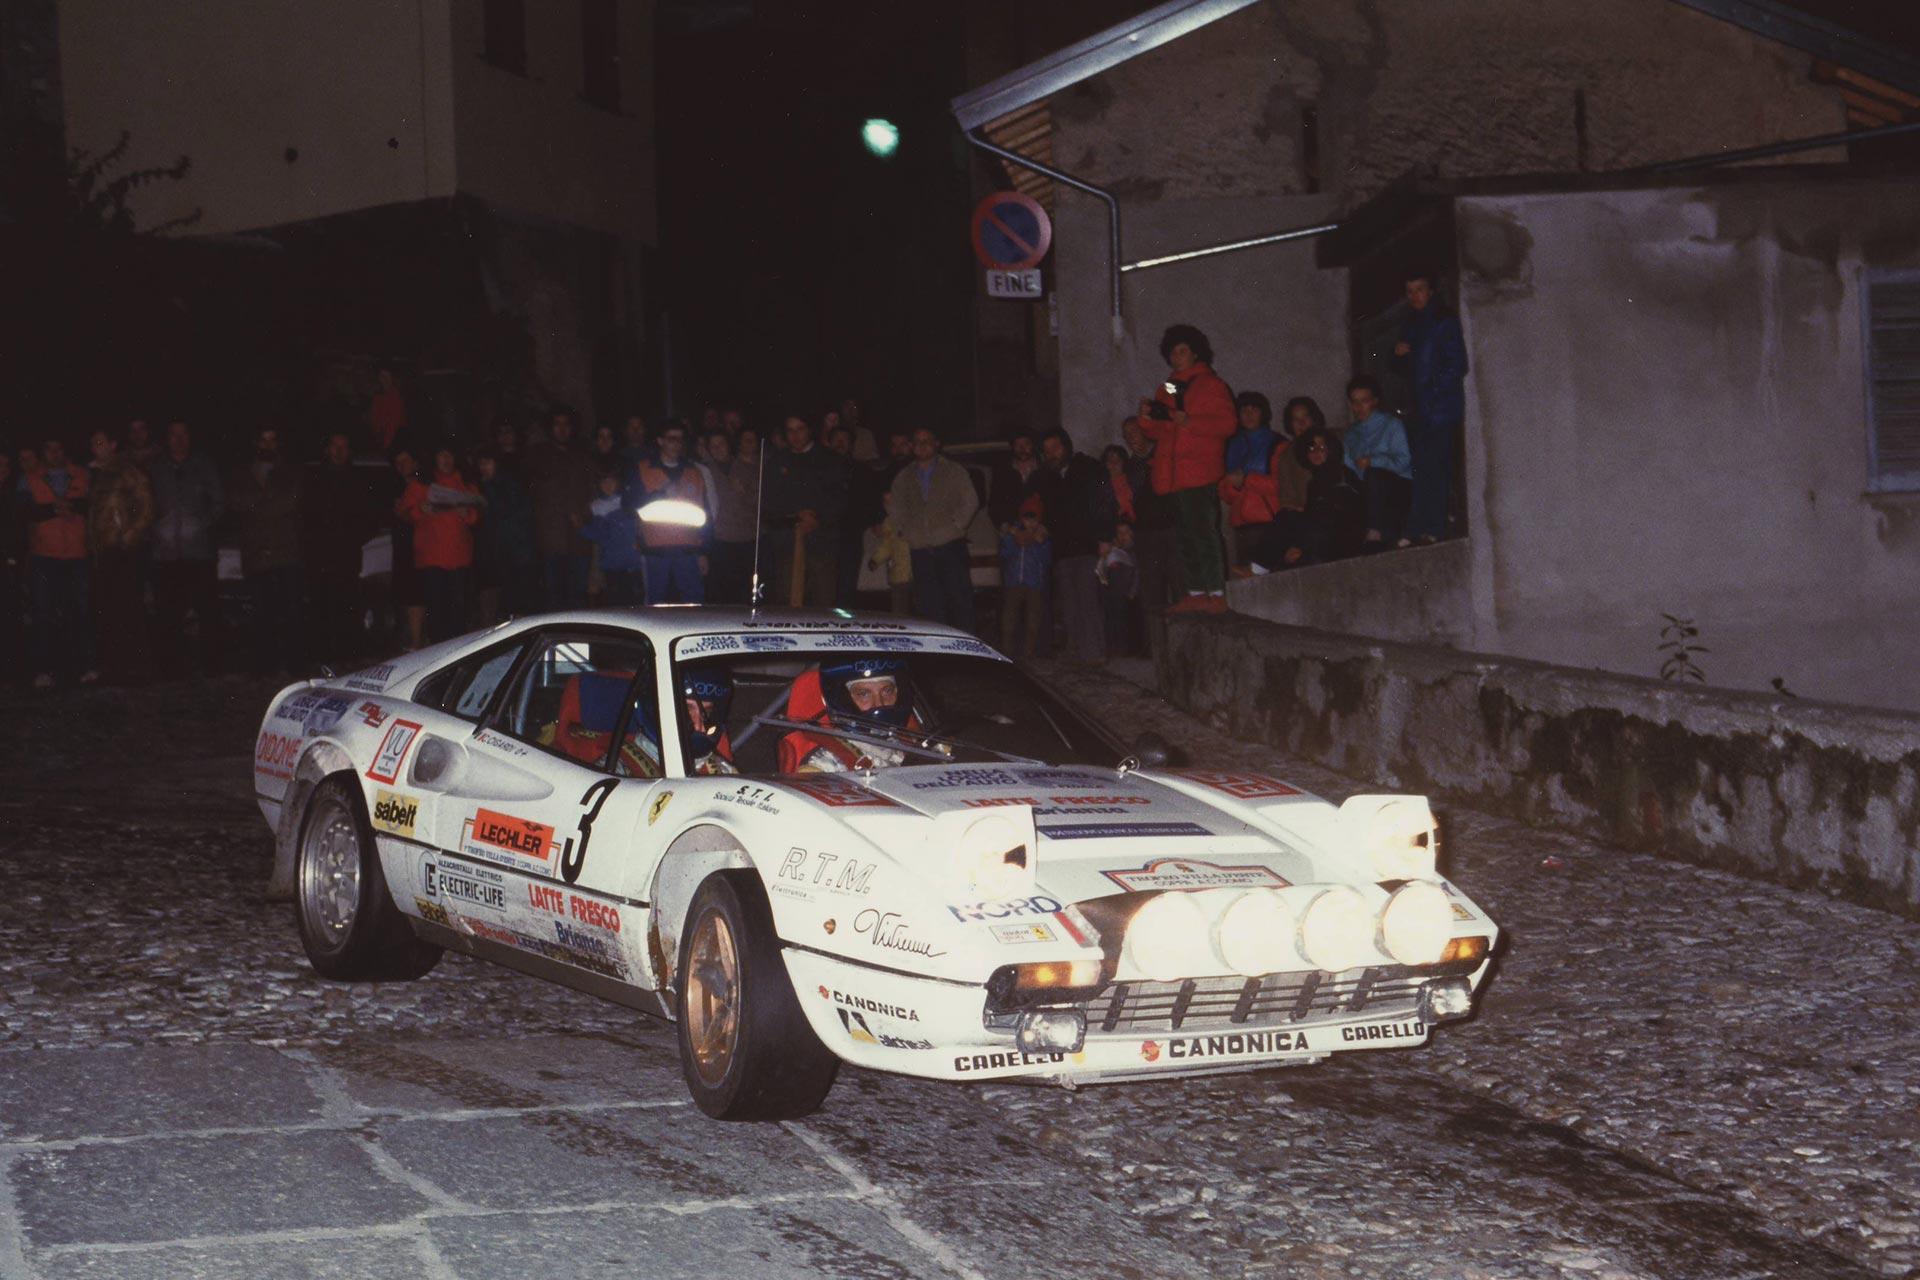 Ferrari-308-GTB-Michelotto-Group-B-for-sale-30